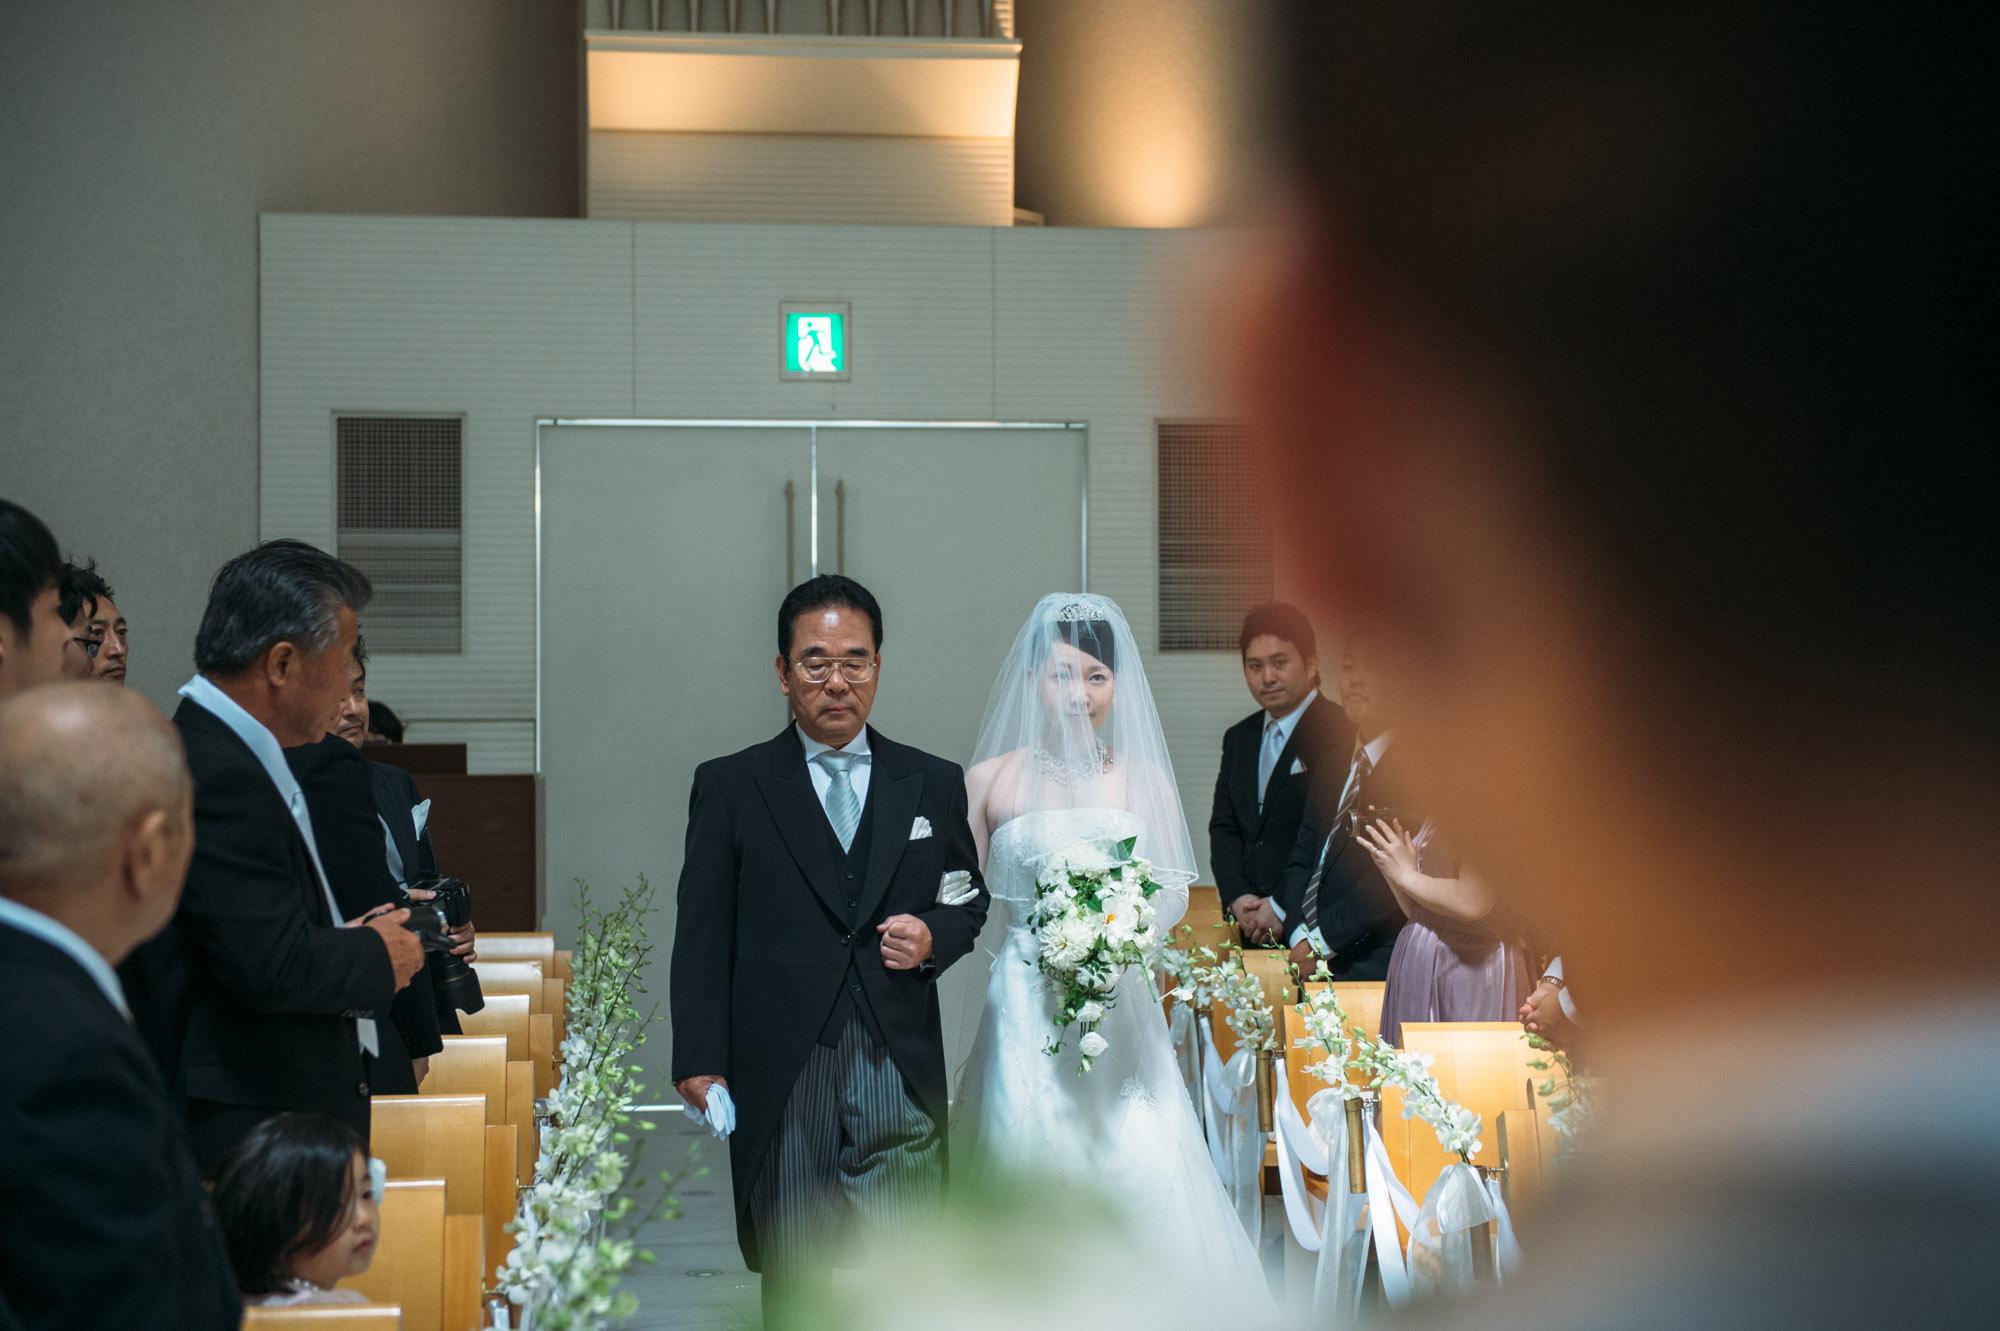 hilton wedding23